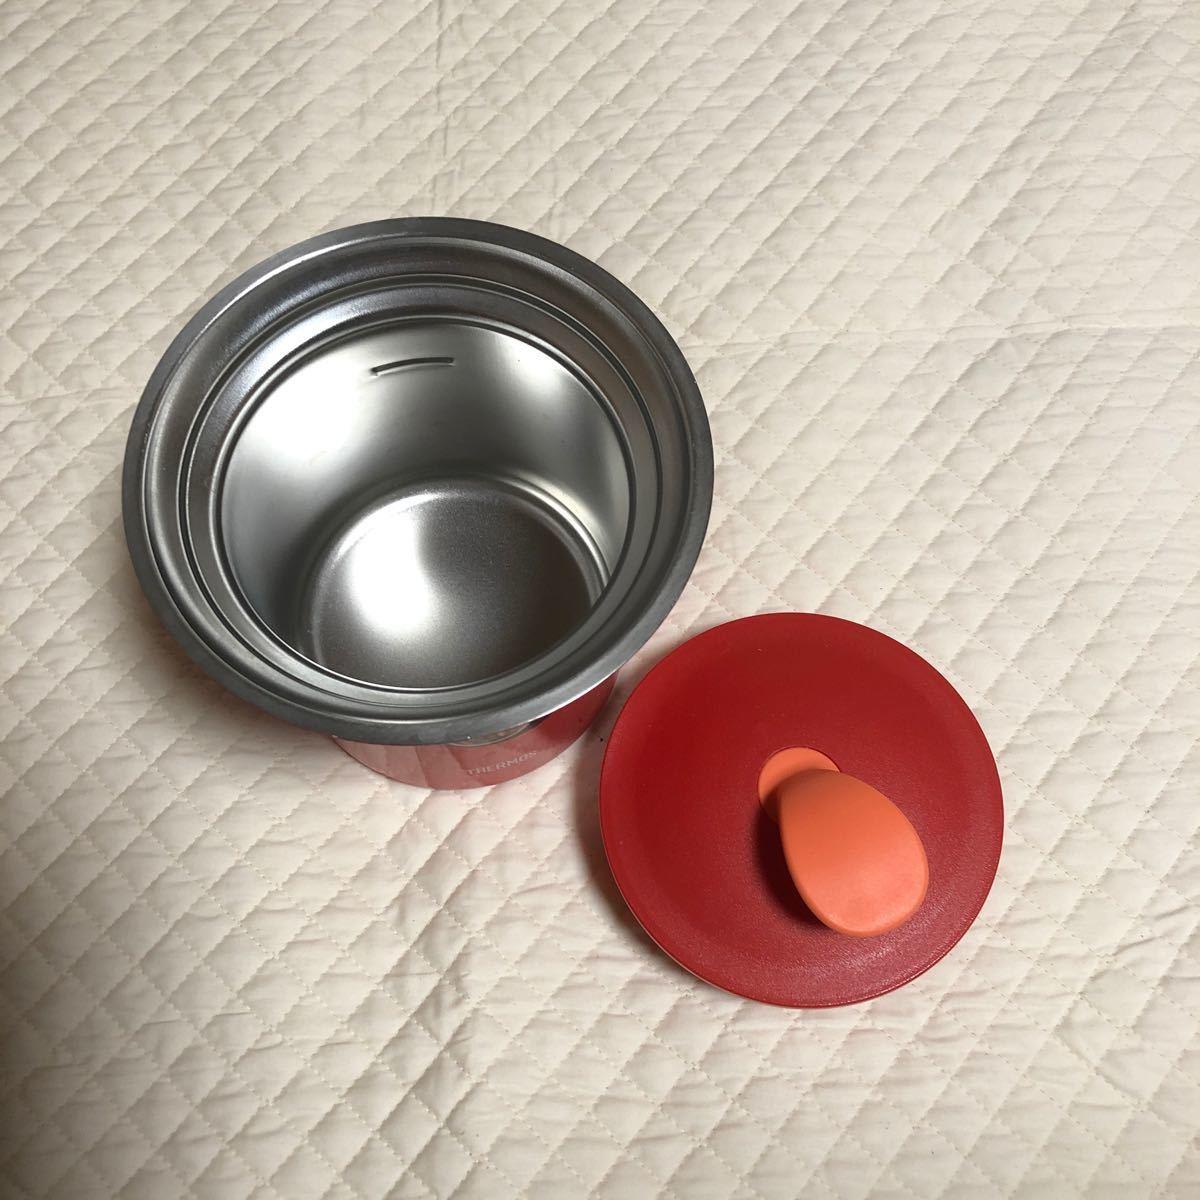 サーモス 真空断熱 THERMOS サーモス真空断熱タンブラー スープジャー シャトルシェフ テーブル